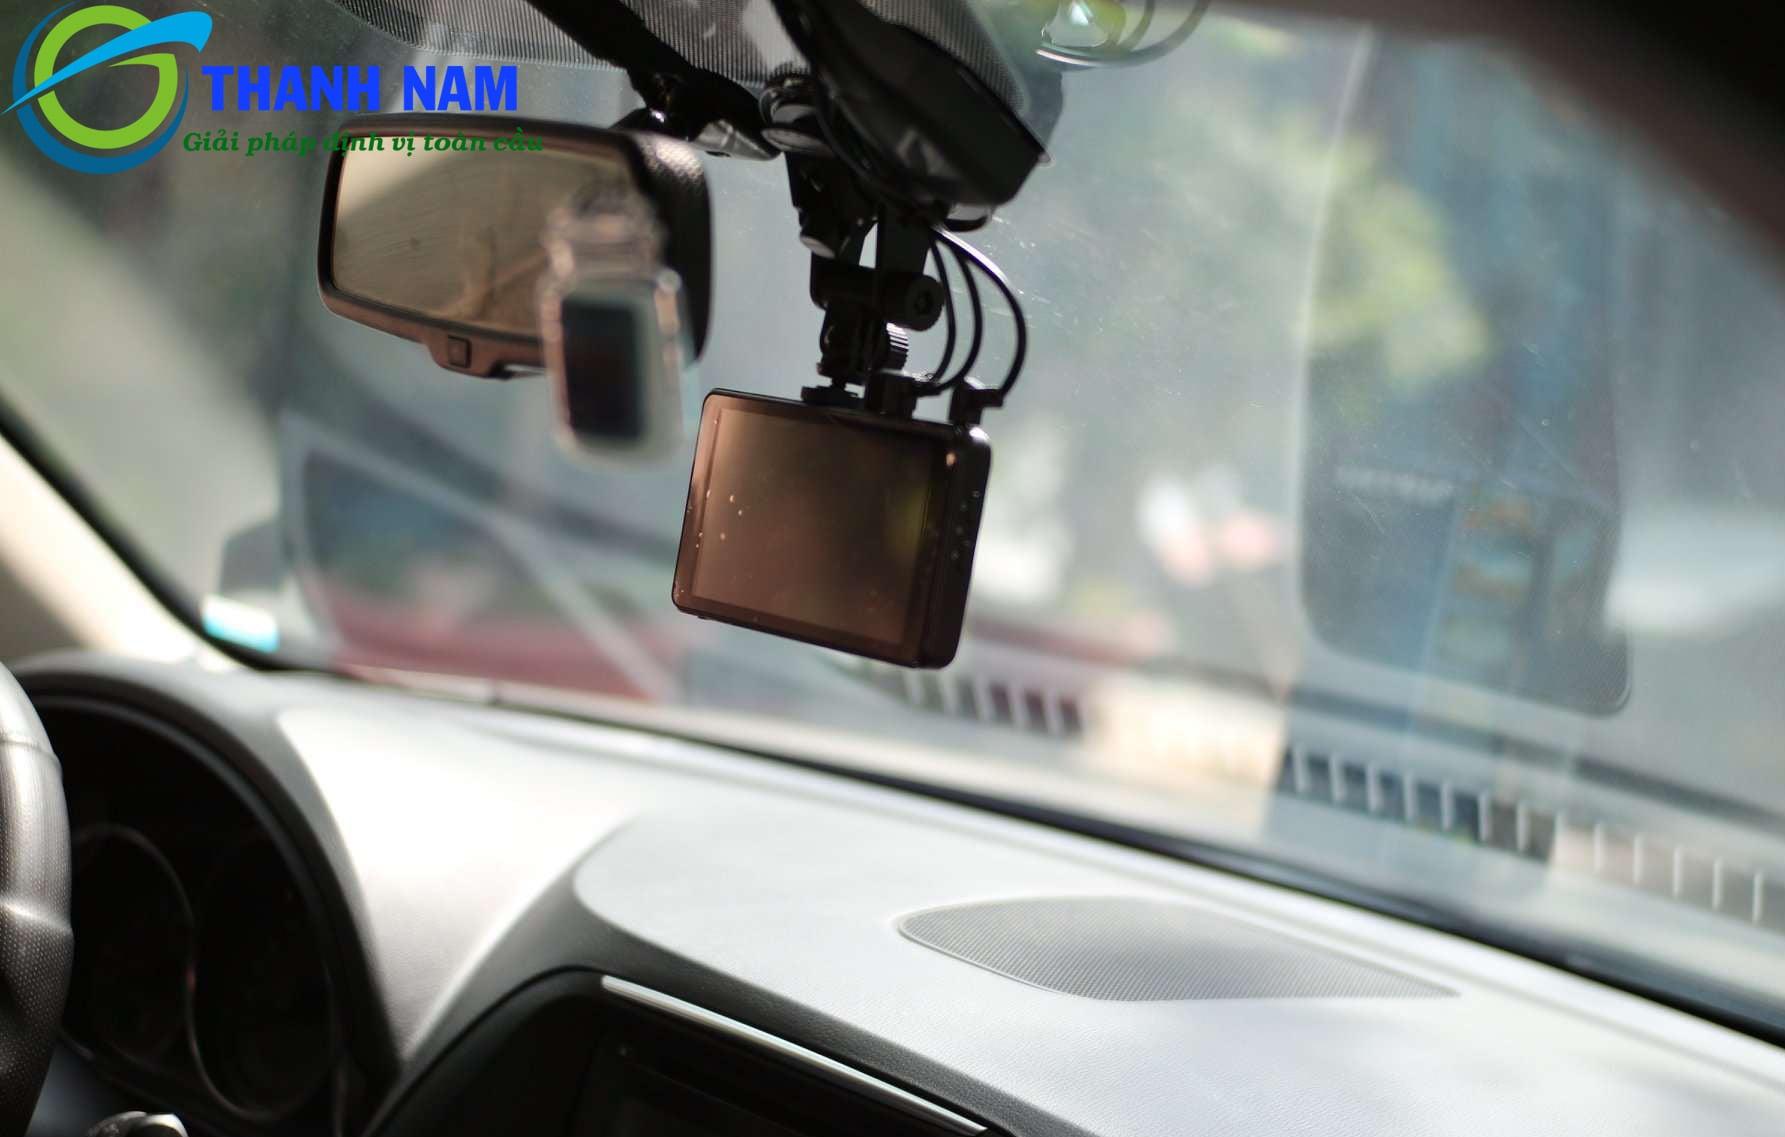 lắp camera hành trình tại hoàn kiếm giá rẻ - bảo hành chính hãng